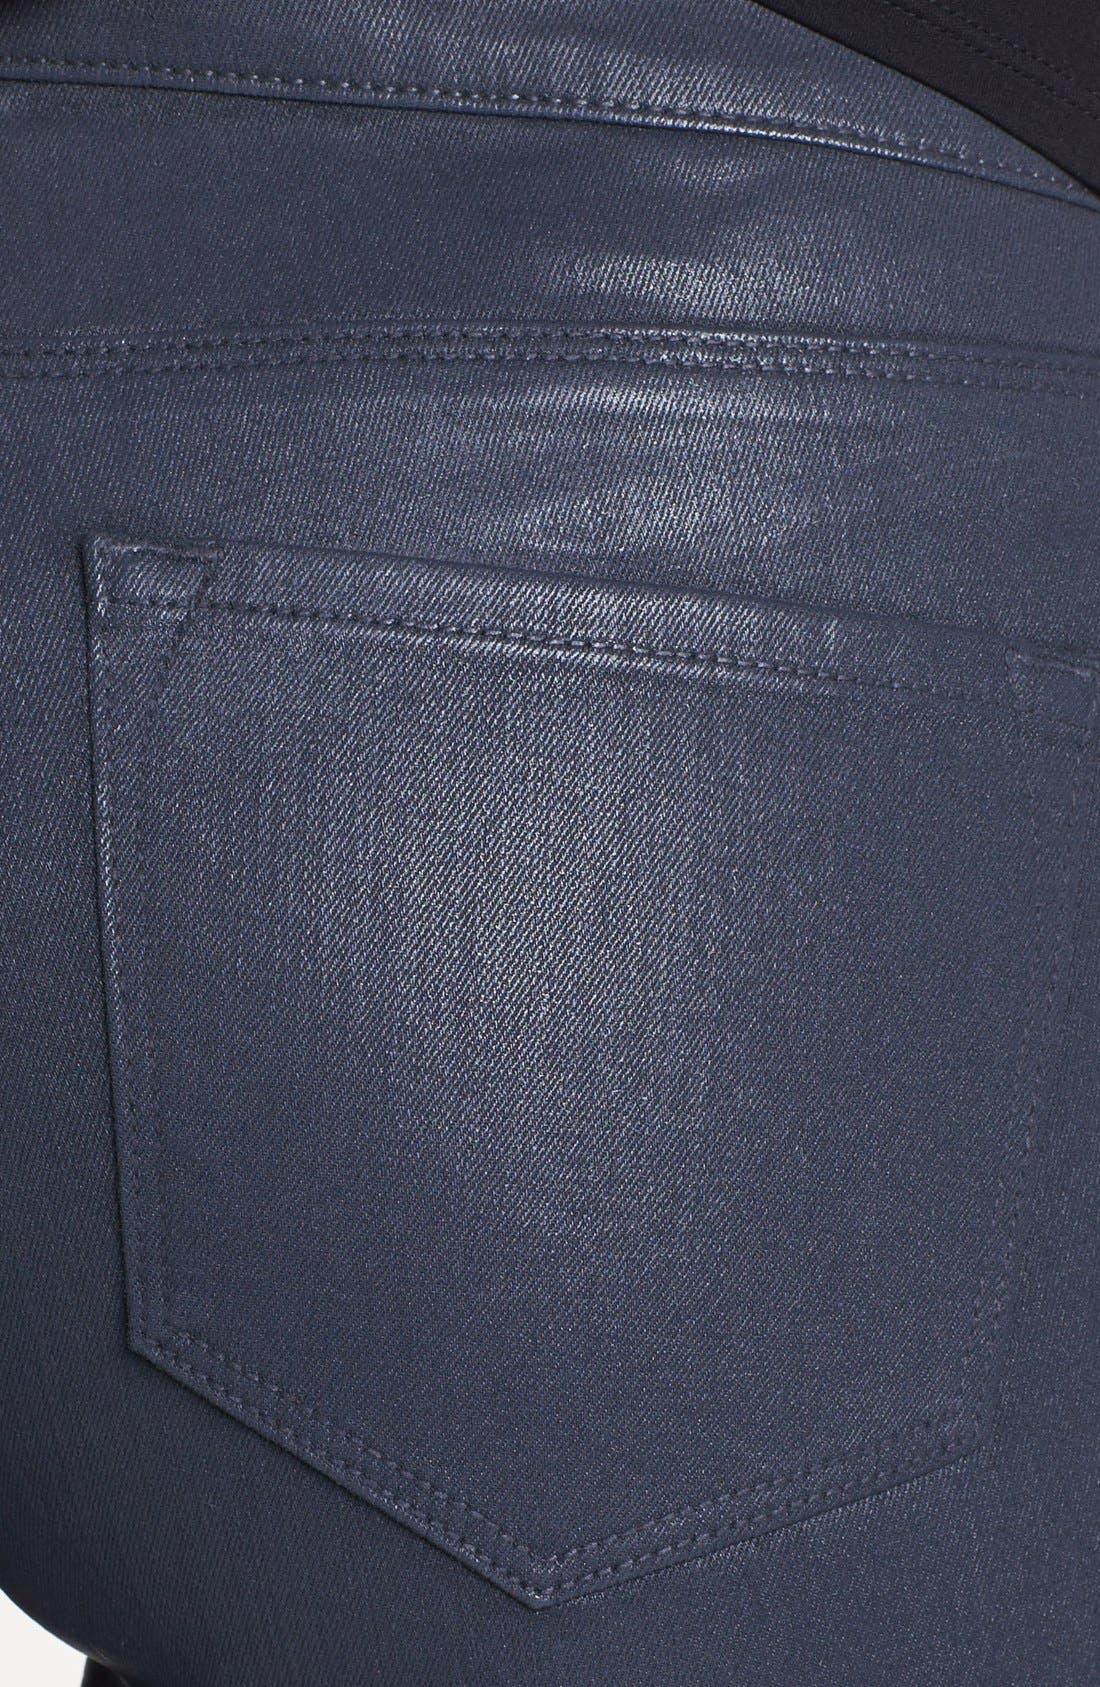 Alternate Image 3  - Elie Tahari 'Azella' Skinny Jeans (Titanium)